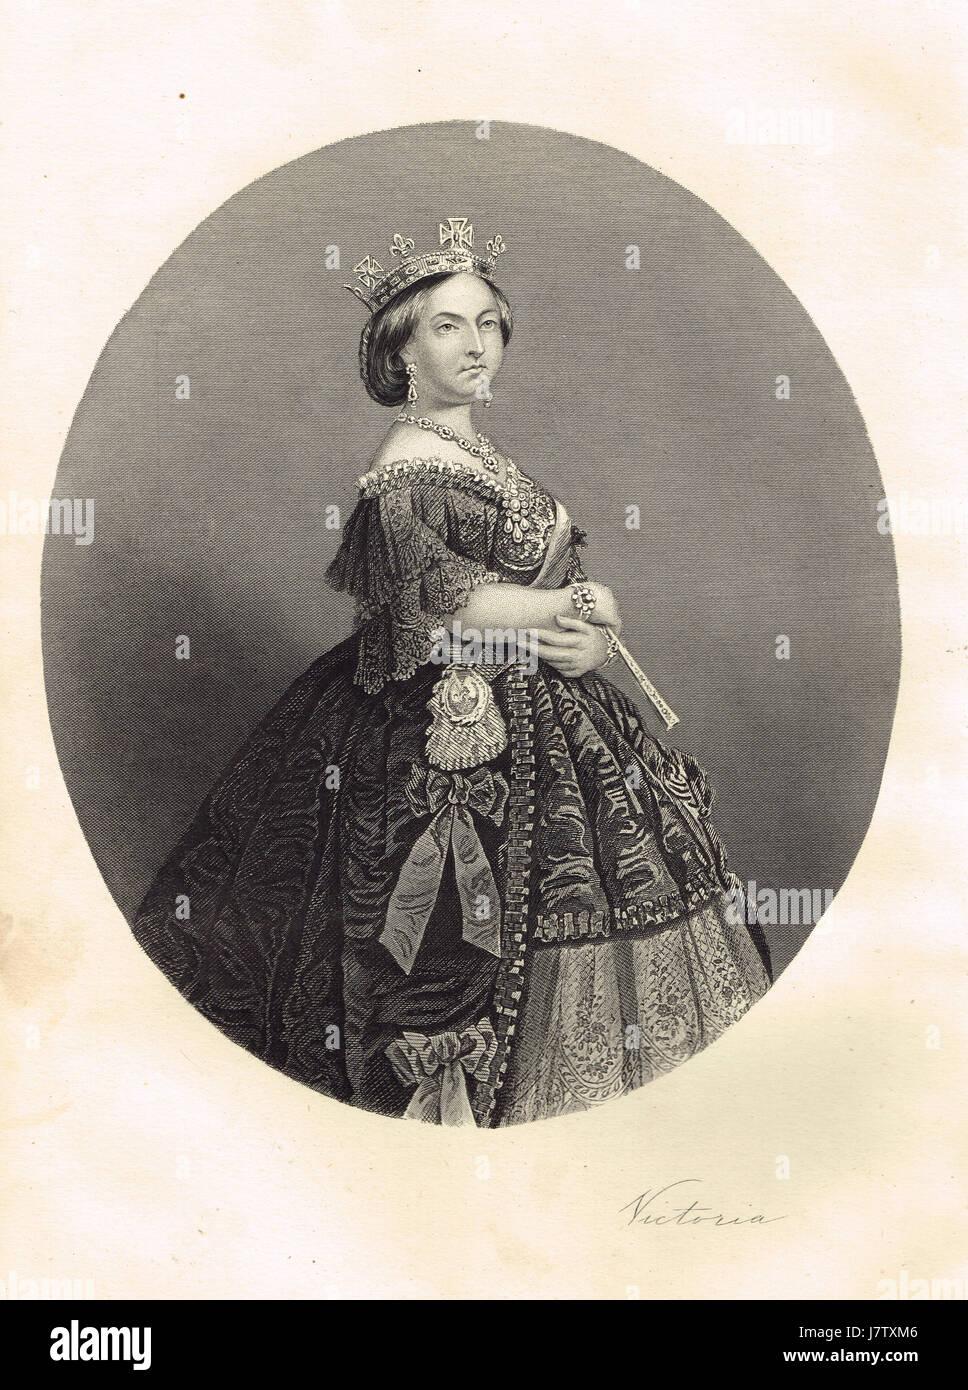 Portrait of Queen Victoria & signature - Stock Image